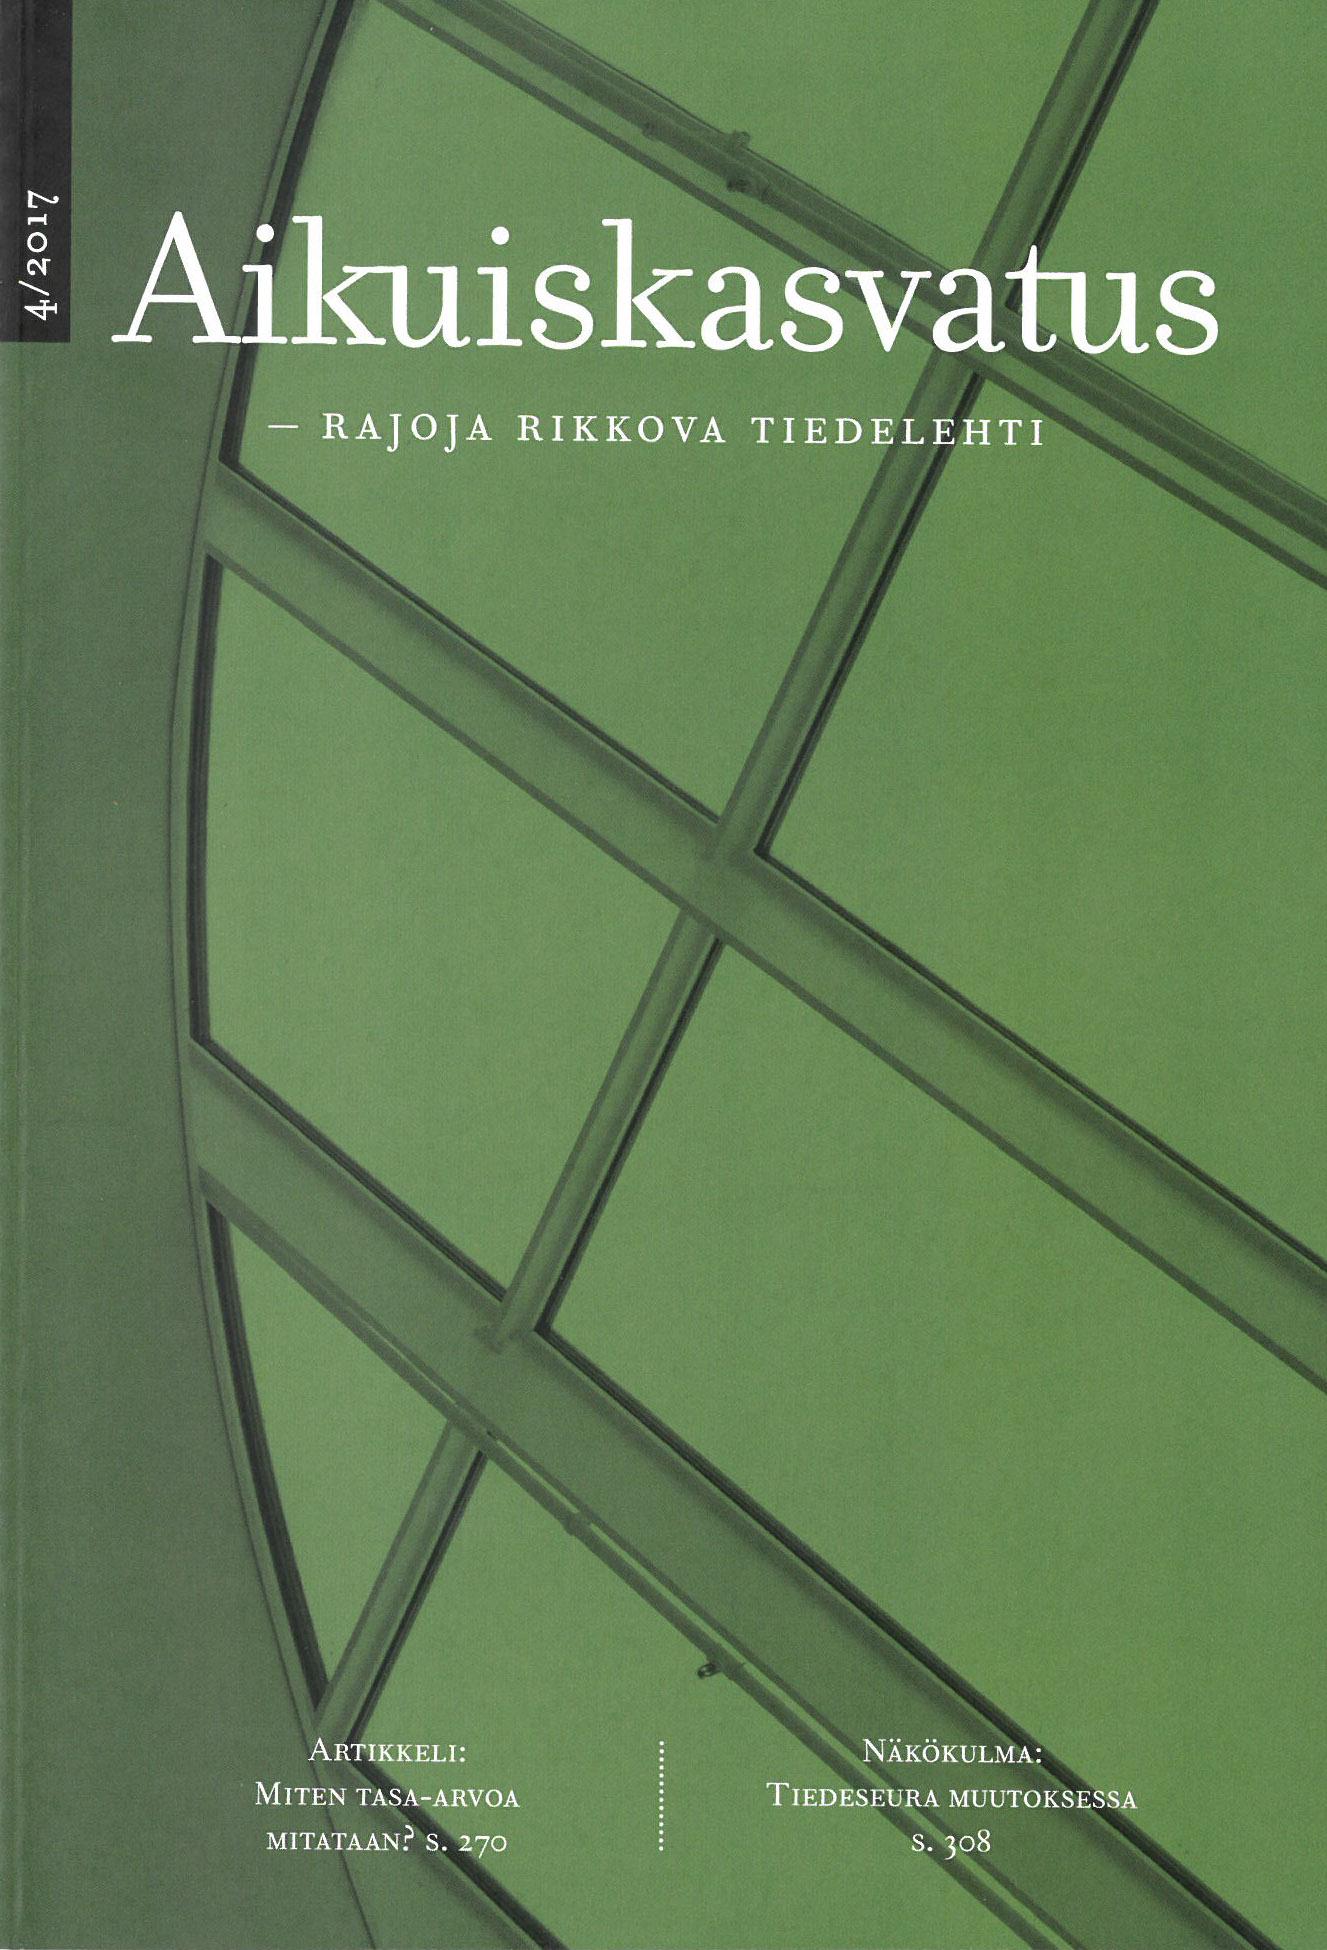 Vihreä kansi Aikuiskasvatus 4/2017, Rajoja rikkova tiedelehti